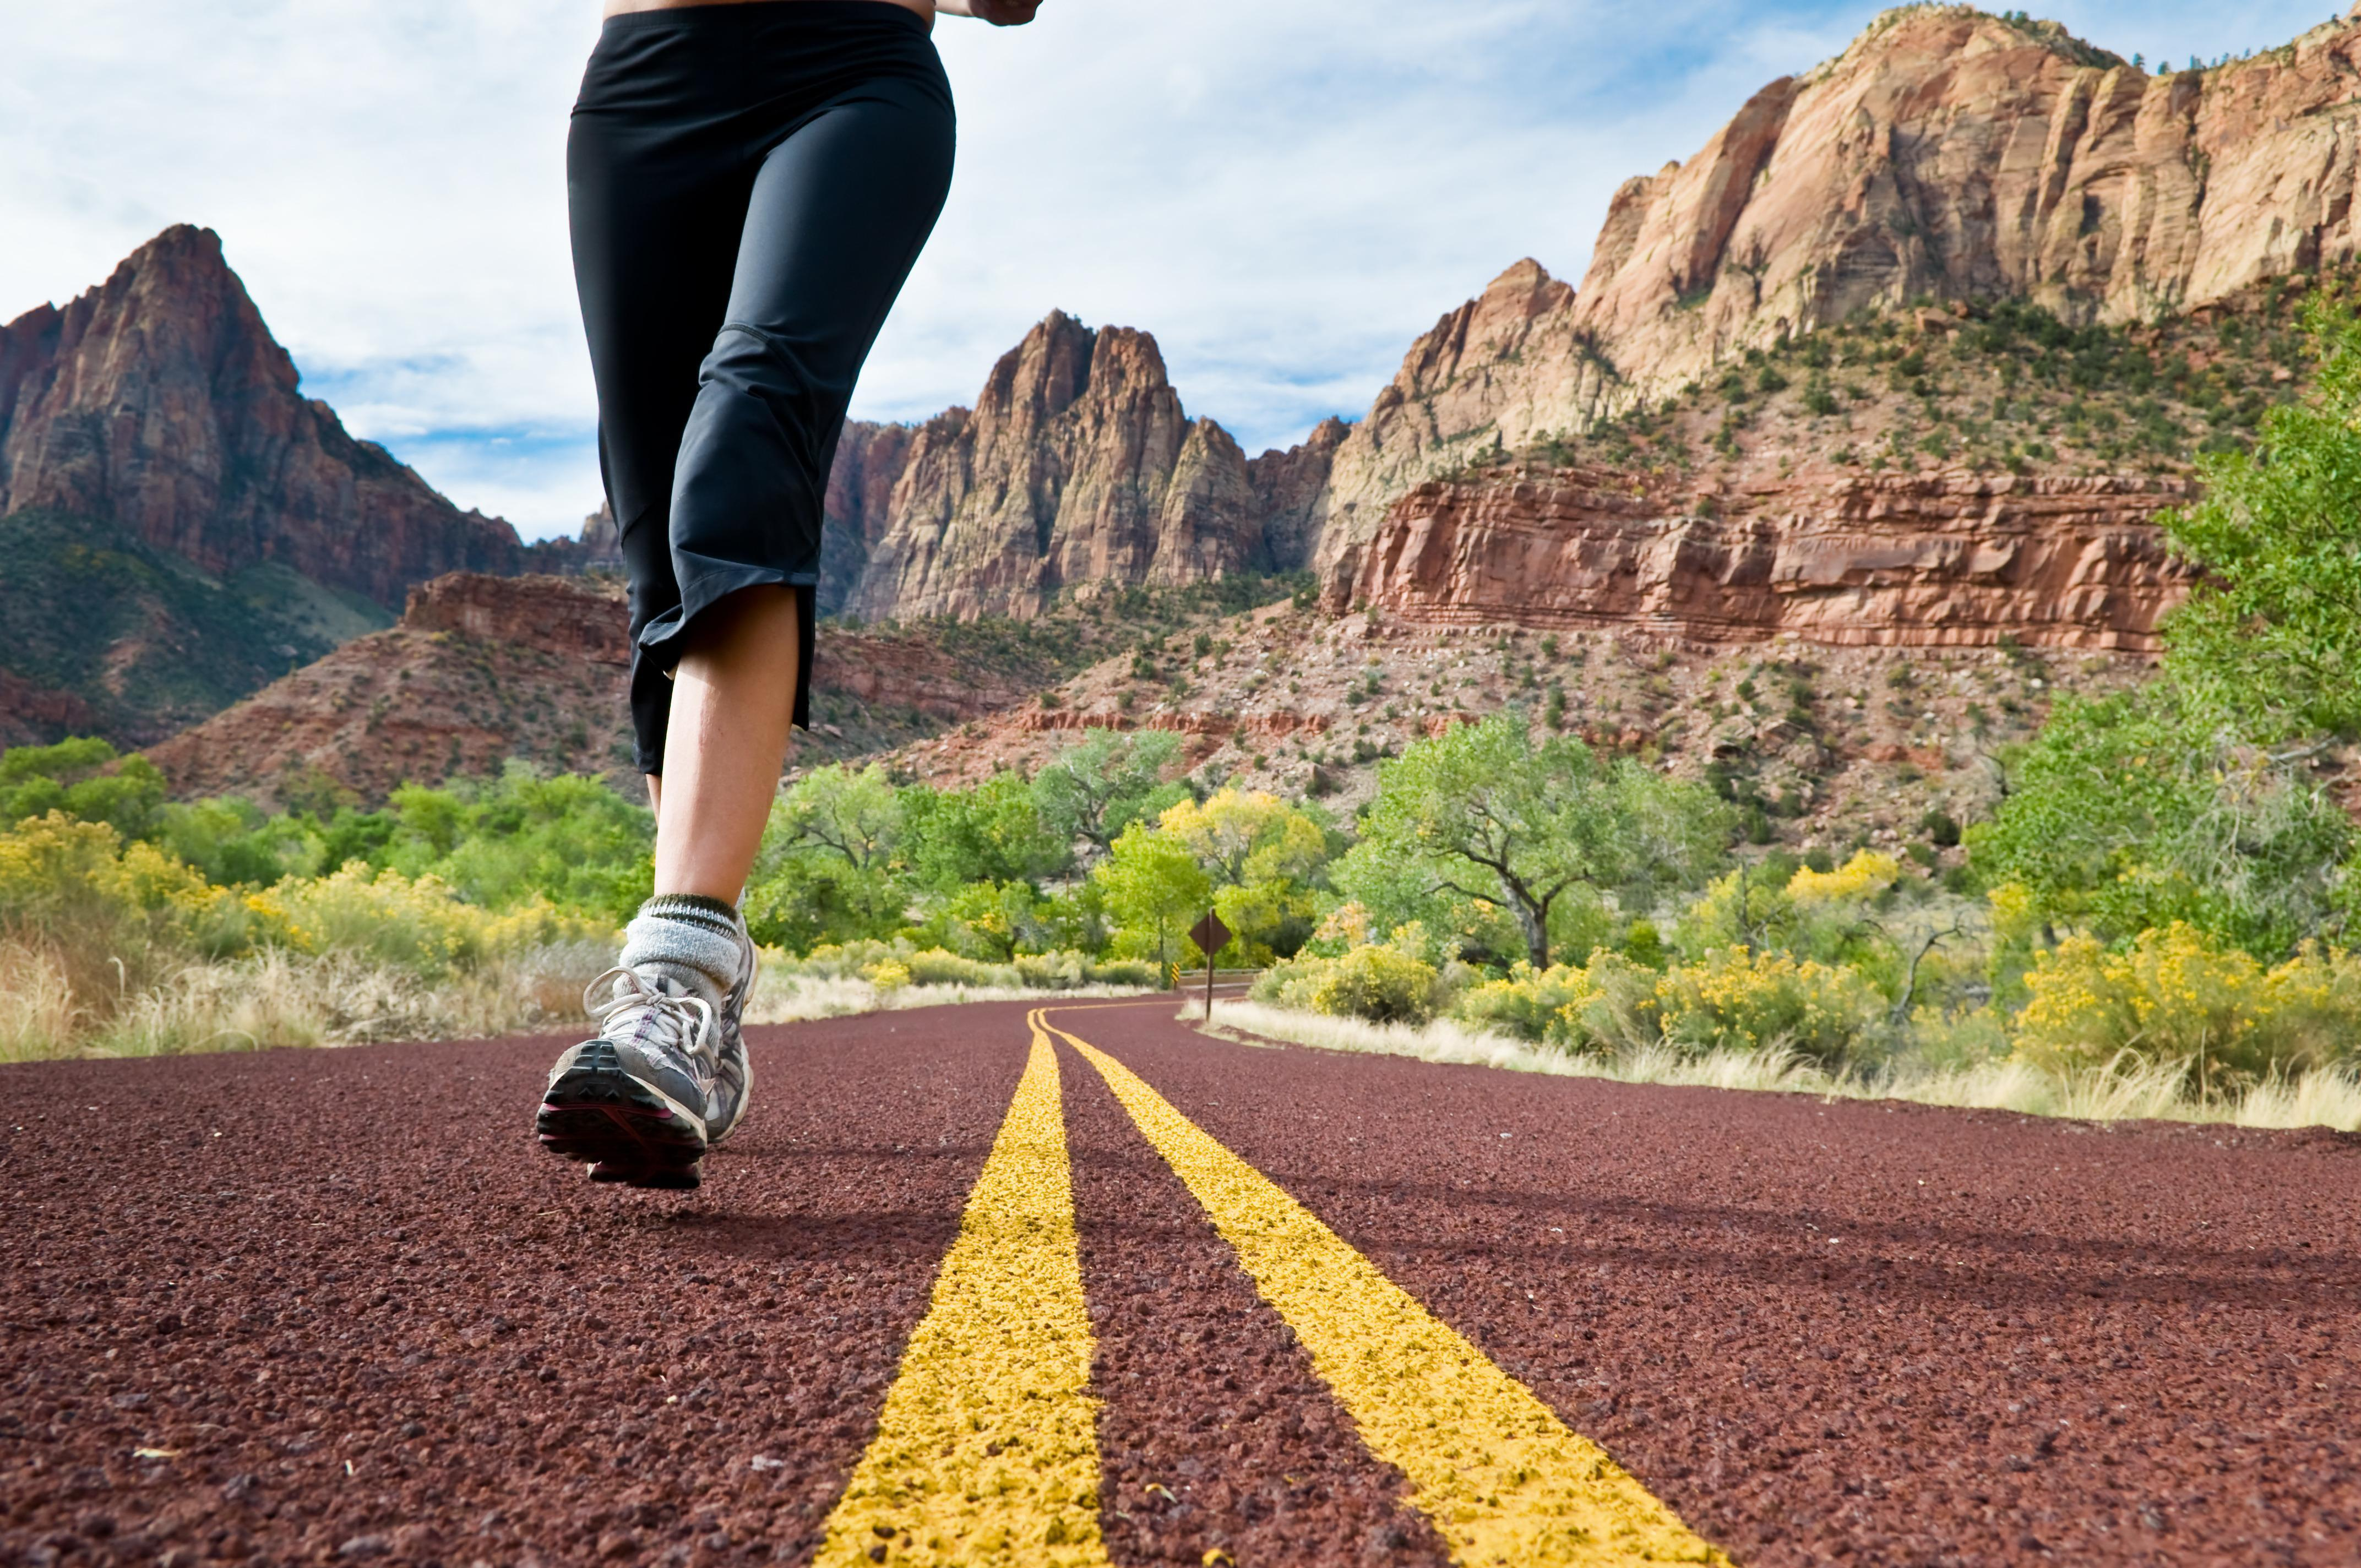 Caminhada a Ritmo Moderado, Rápido ou Correr. Qual Queima Mais Calorias?